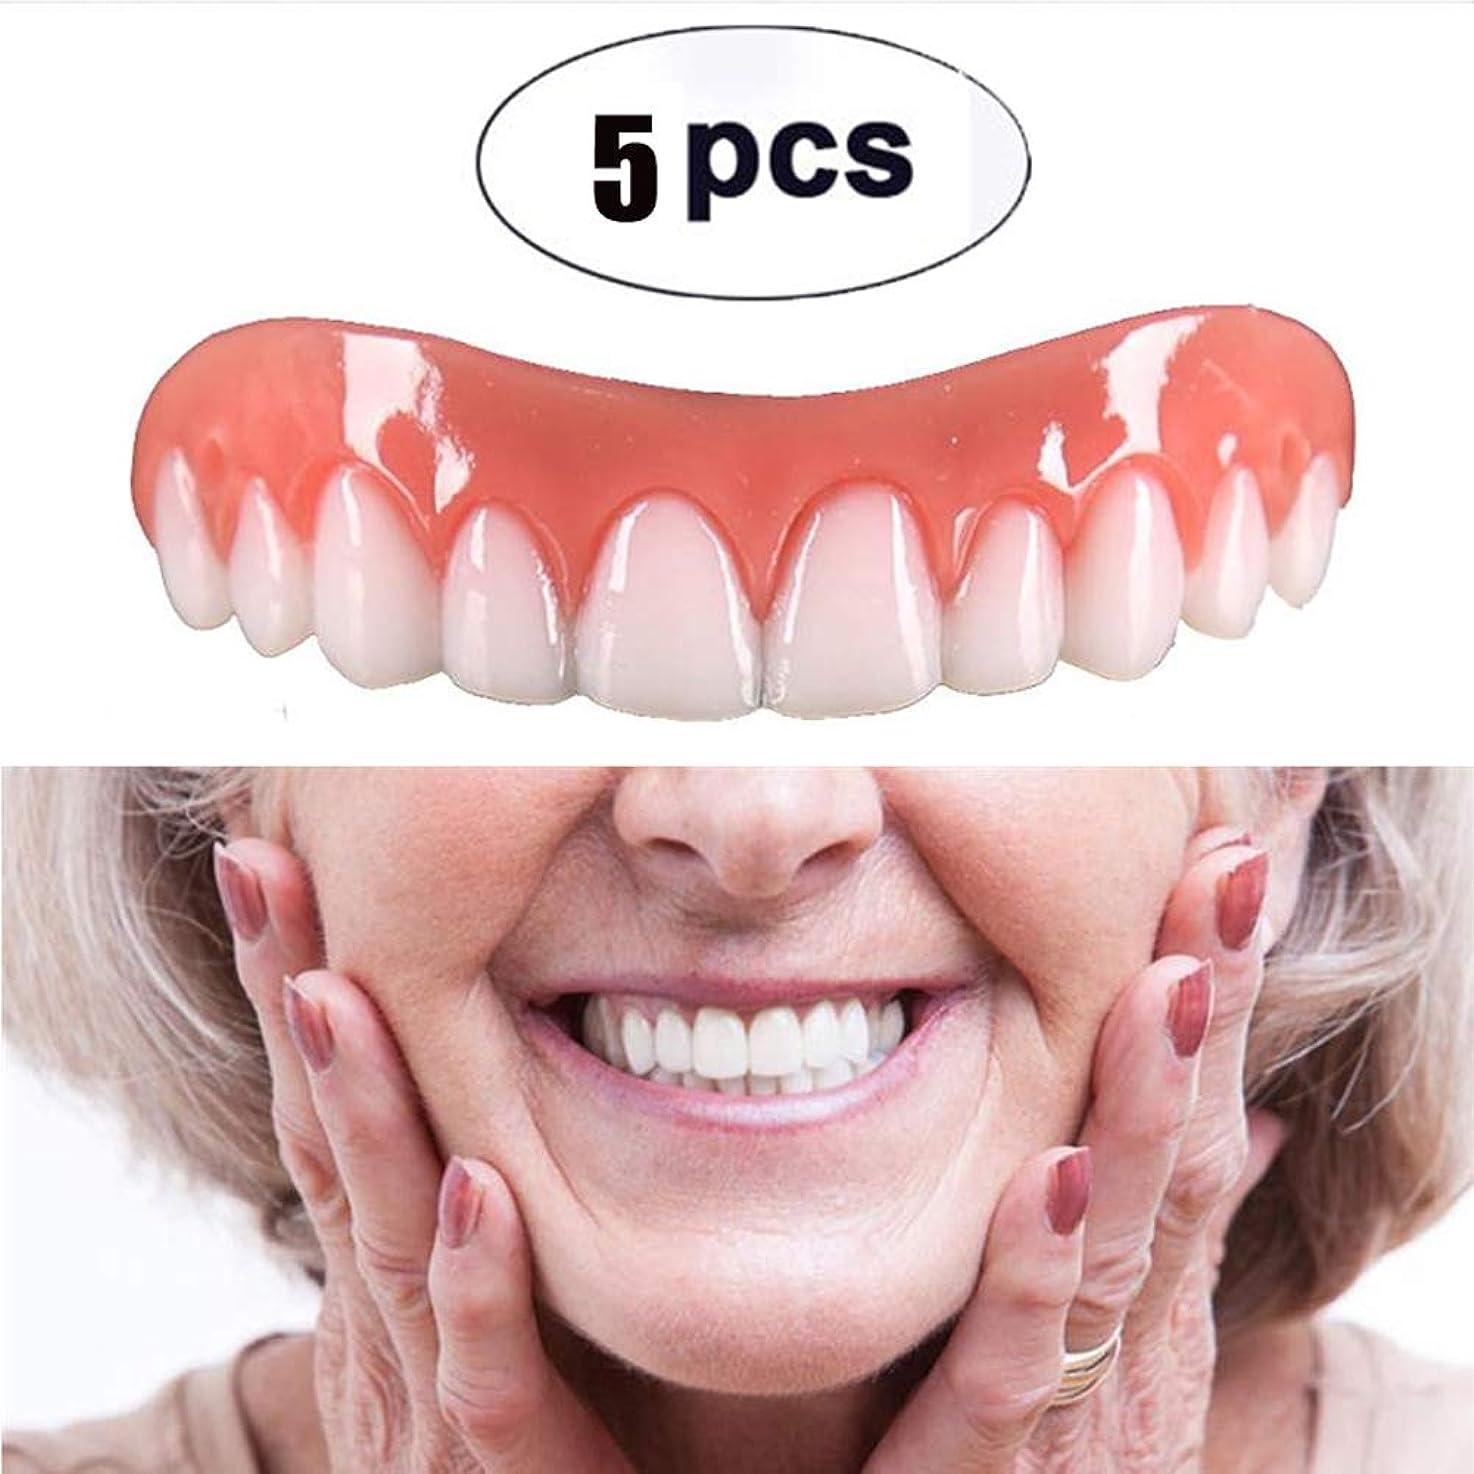 比類のないへこみ嘆願5枚の一時的な化粧品の歯入れ歯の歯の化粧品のシミュレーションの上部の袖口、白くなる歯のスナップの帽子の即刻の慰めの柔らかい完全なベニヤ